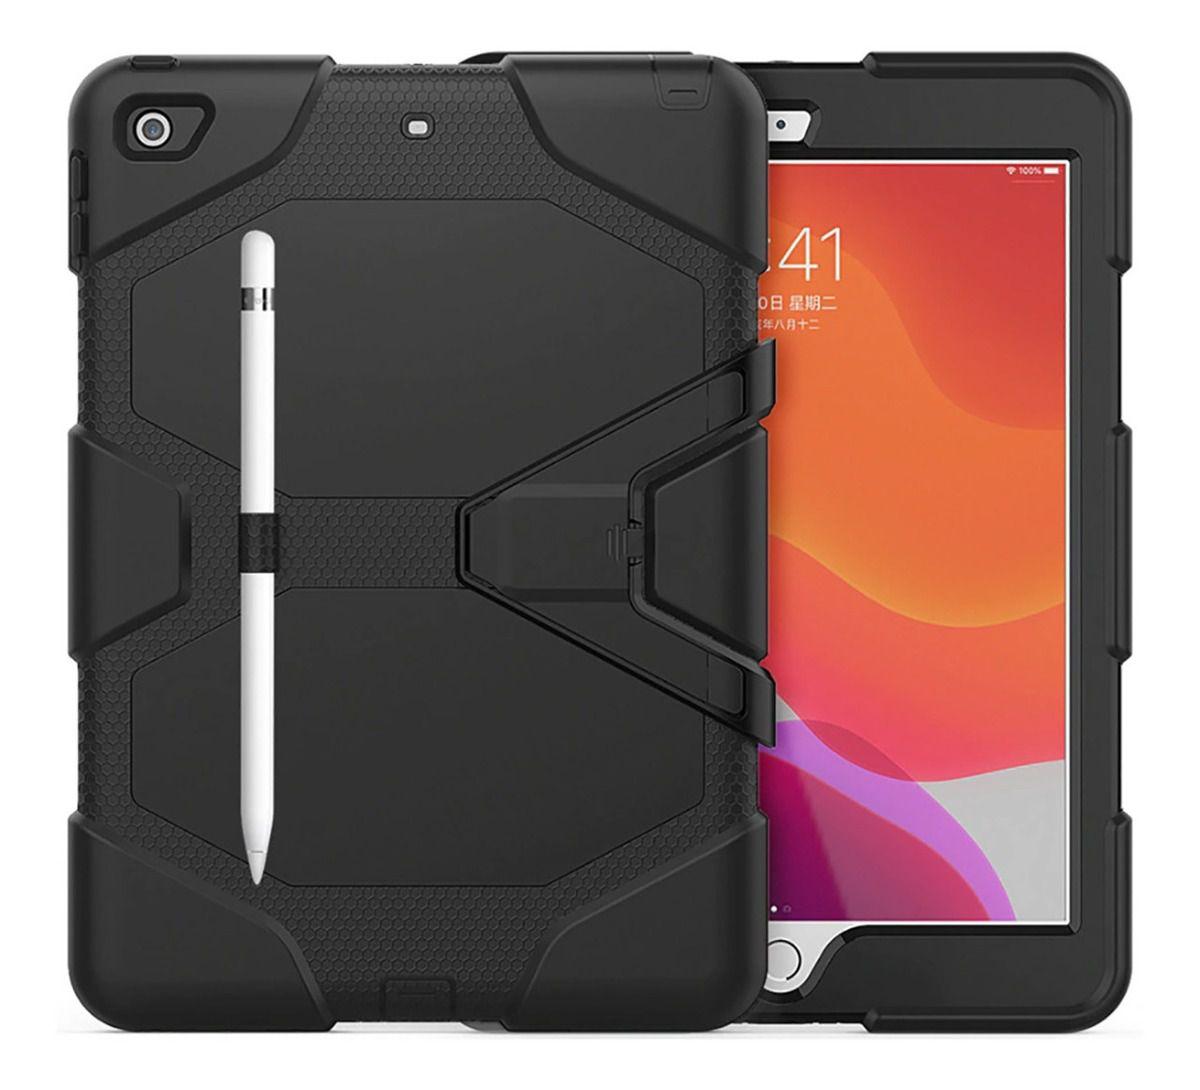 Capa Ipad 7 Apple Tela 10.2 A2197 A2200 A2198 Survivor Anti Impacto Queda Colisão